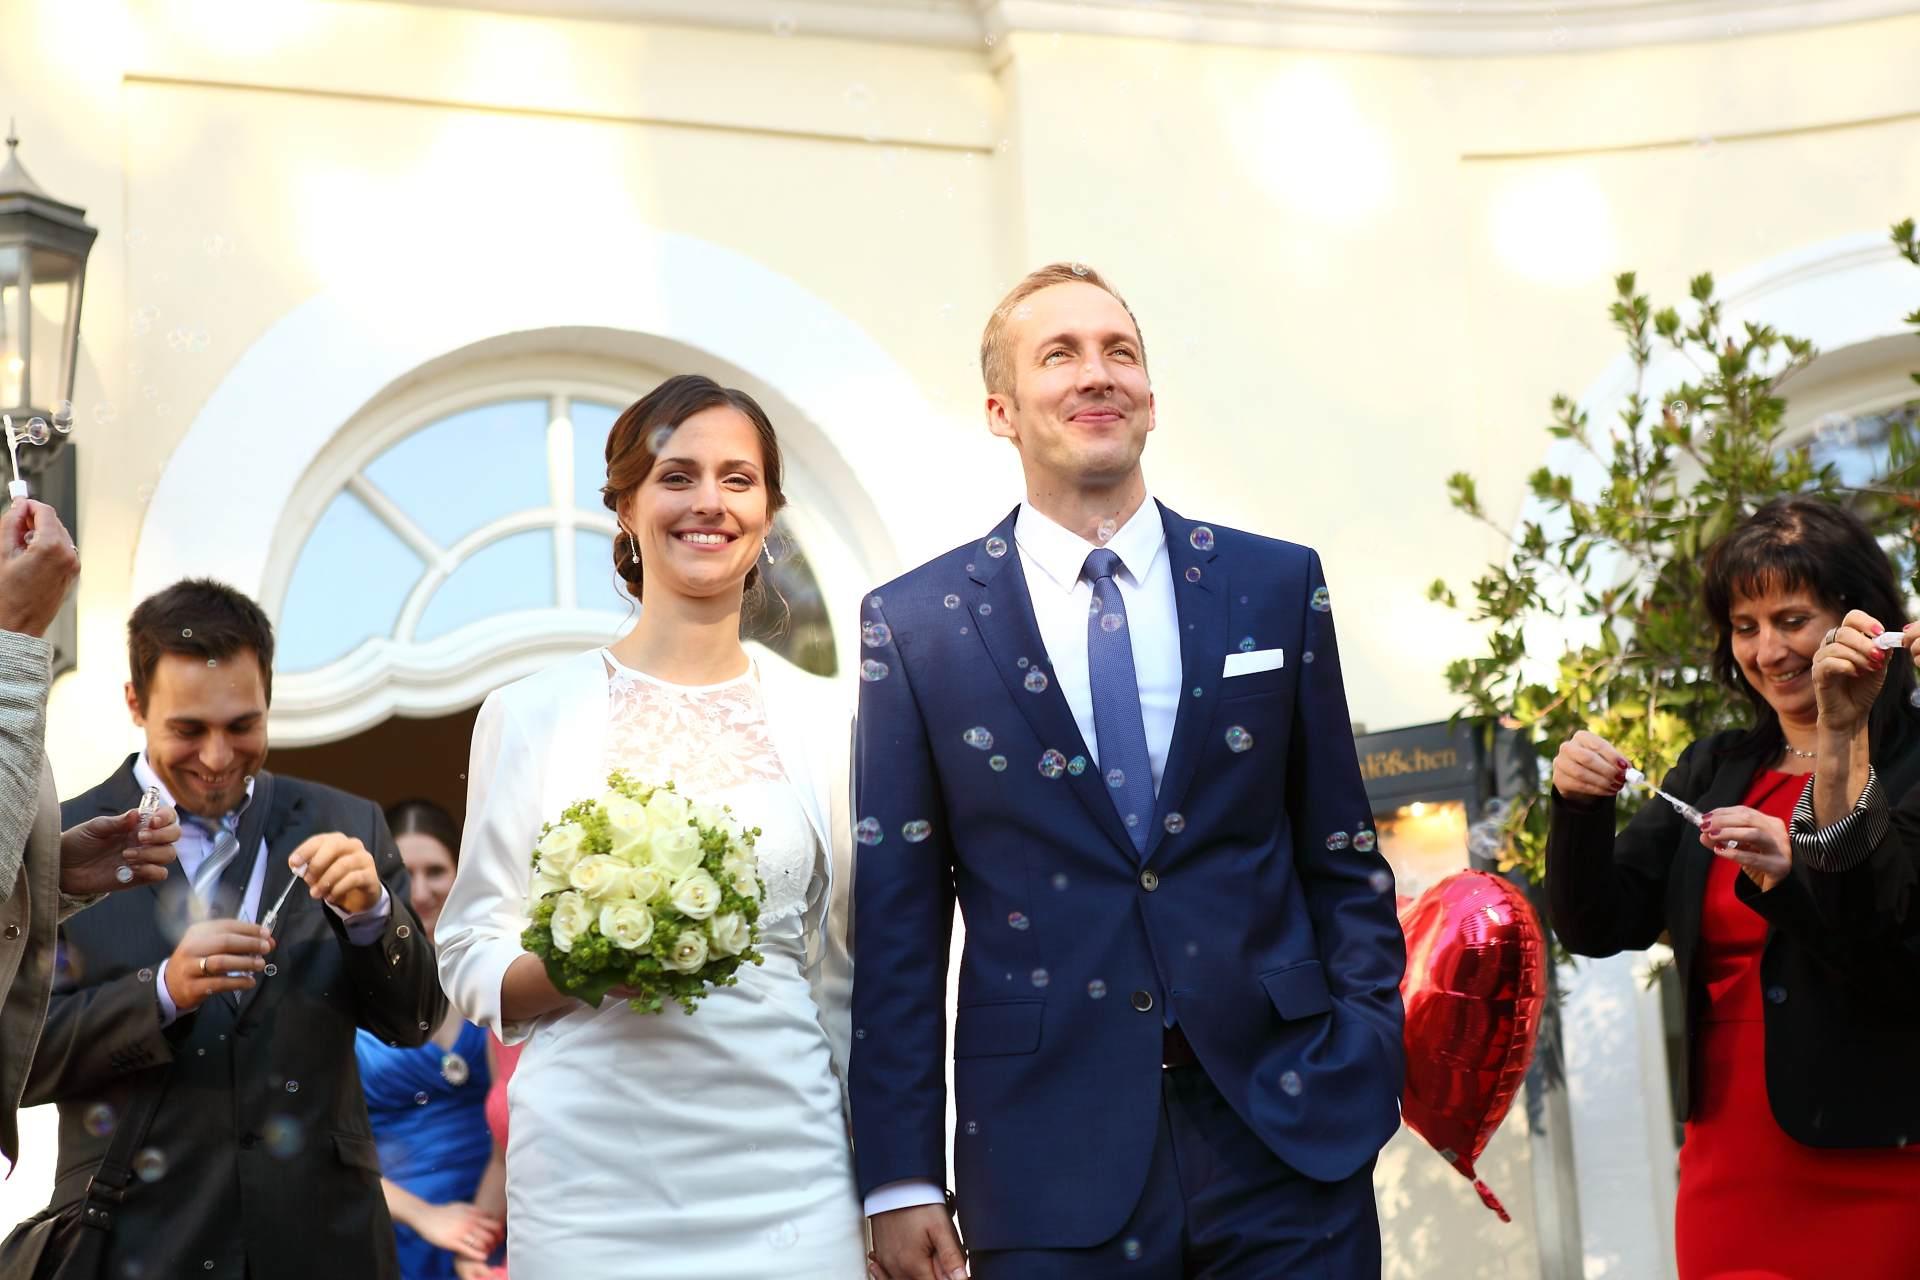 Hochzeitsfotos in Leipzig - Hochzeitspaar im Seifenblasenregen